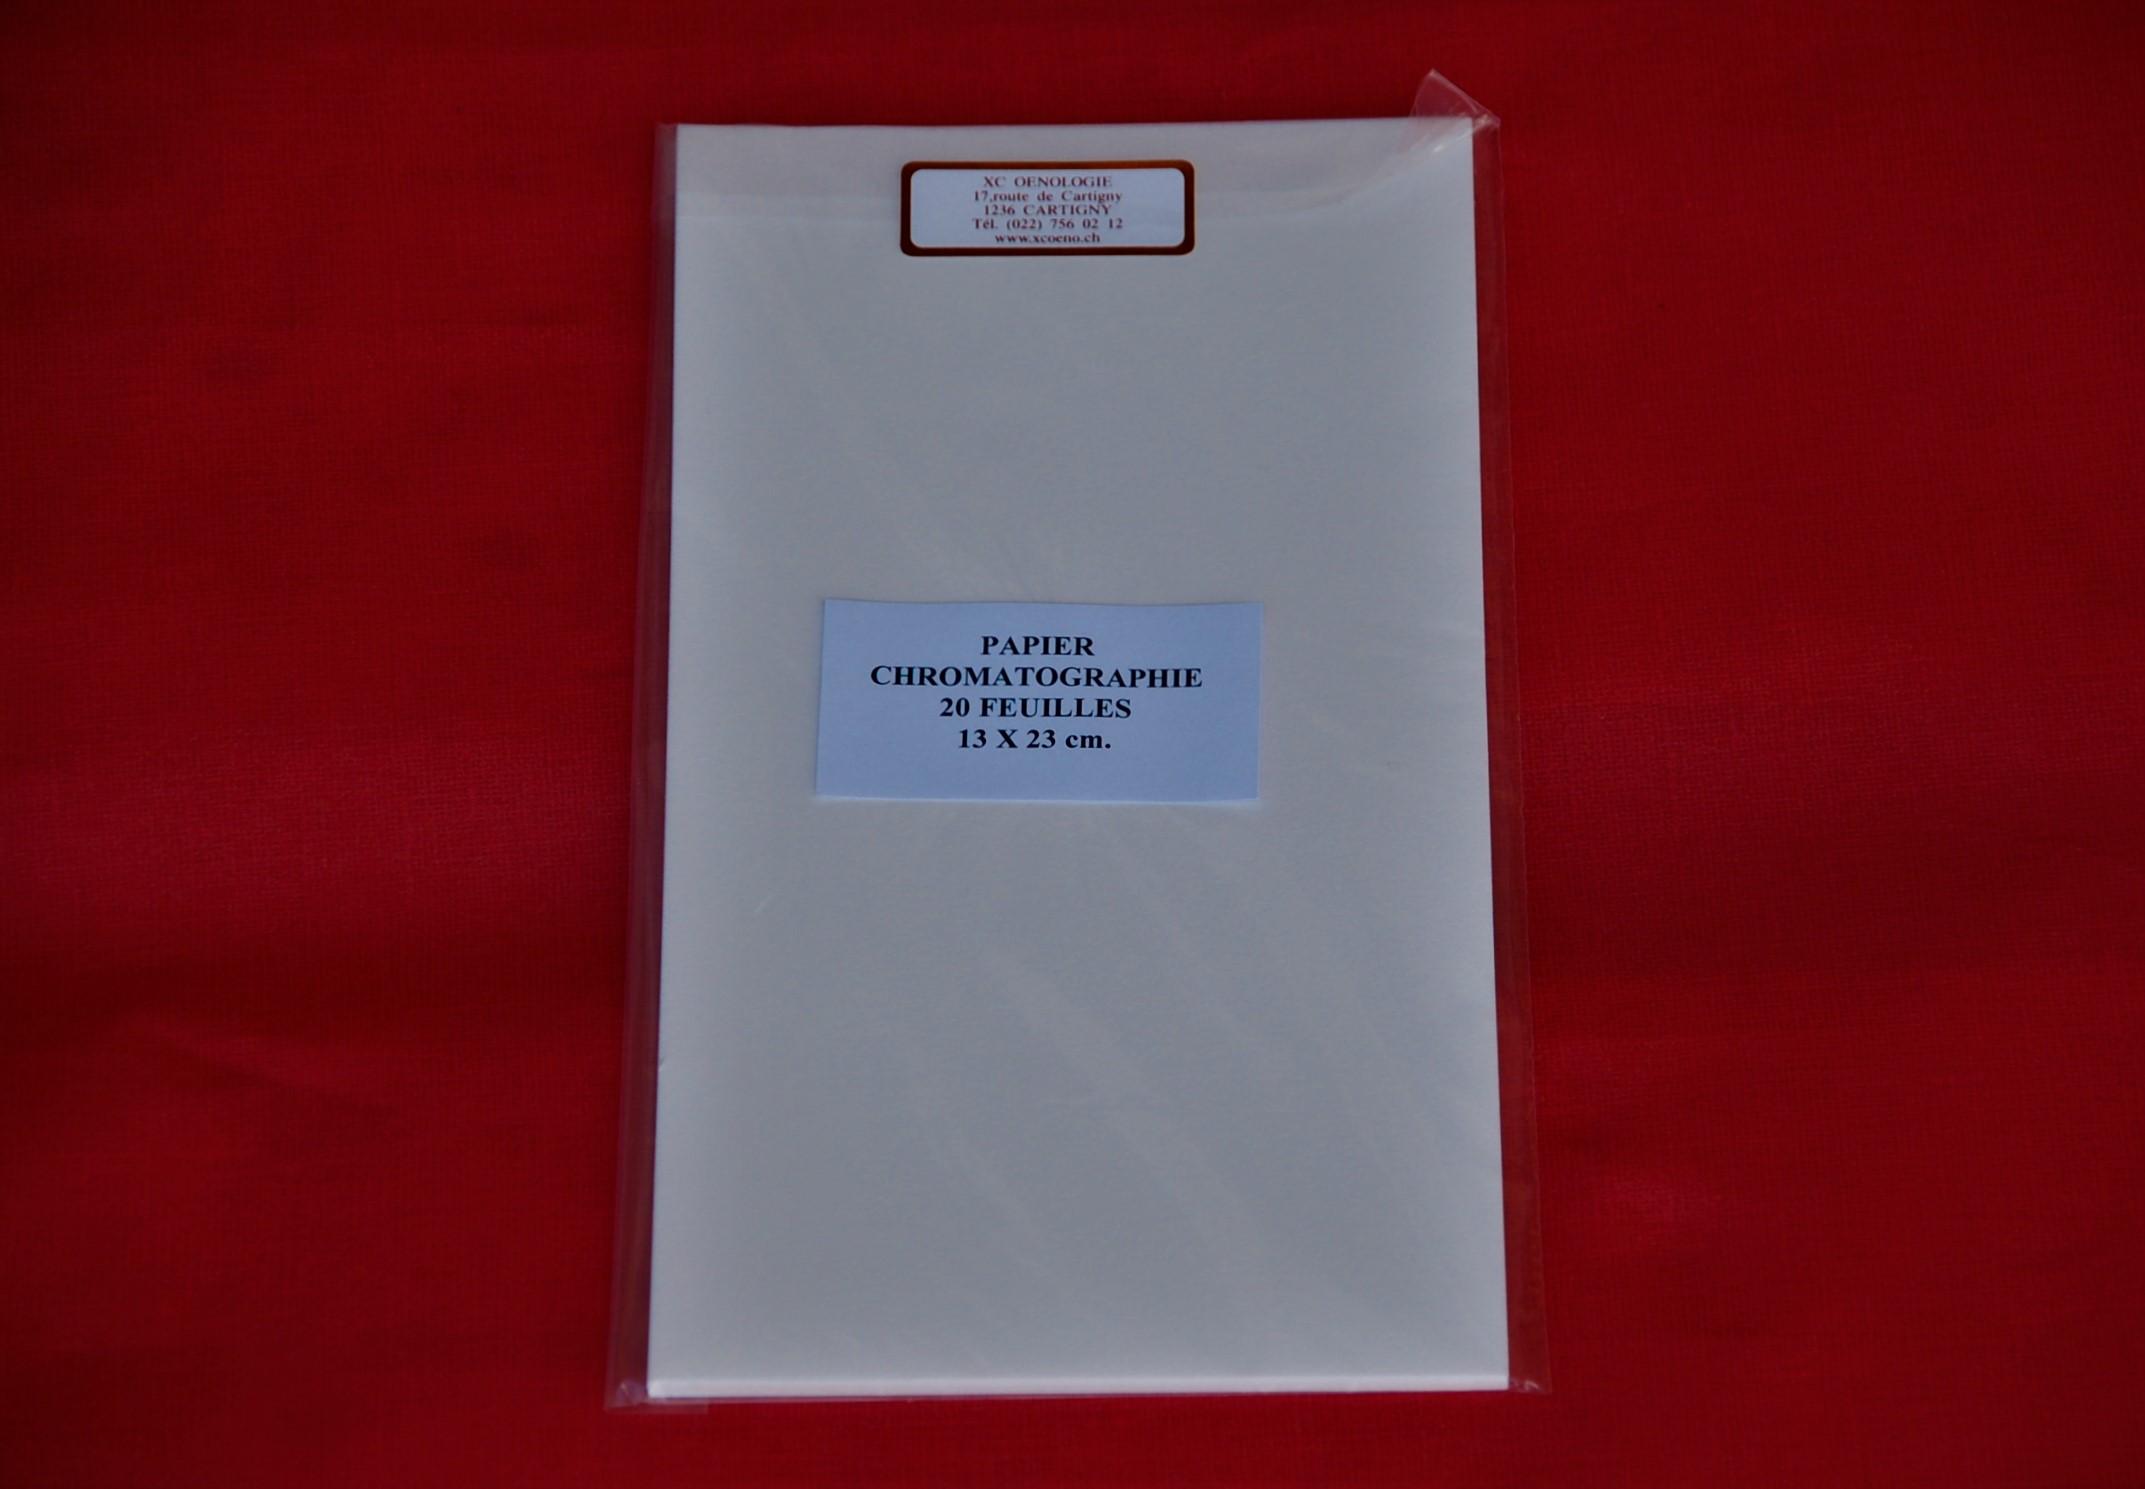 Feuilles pour chromatographie, paquet de 20 feuilles